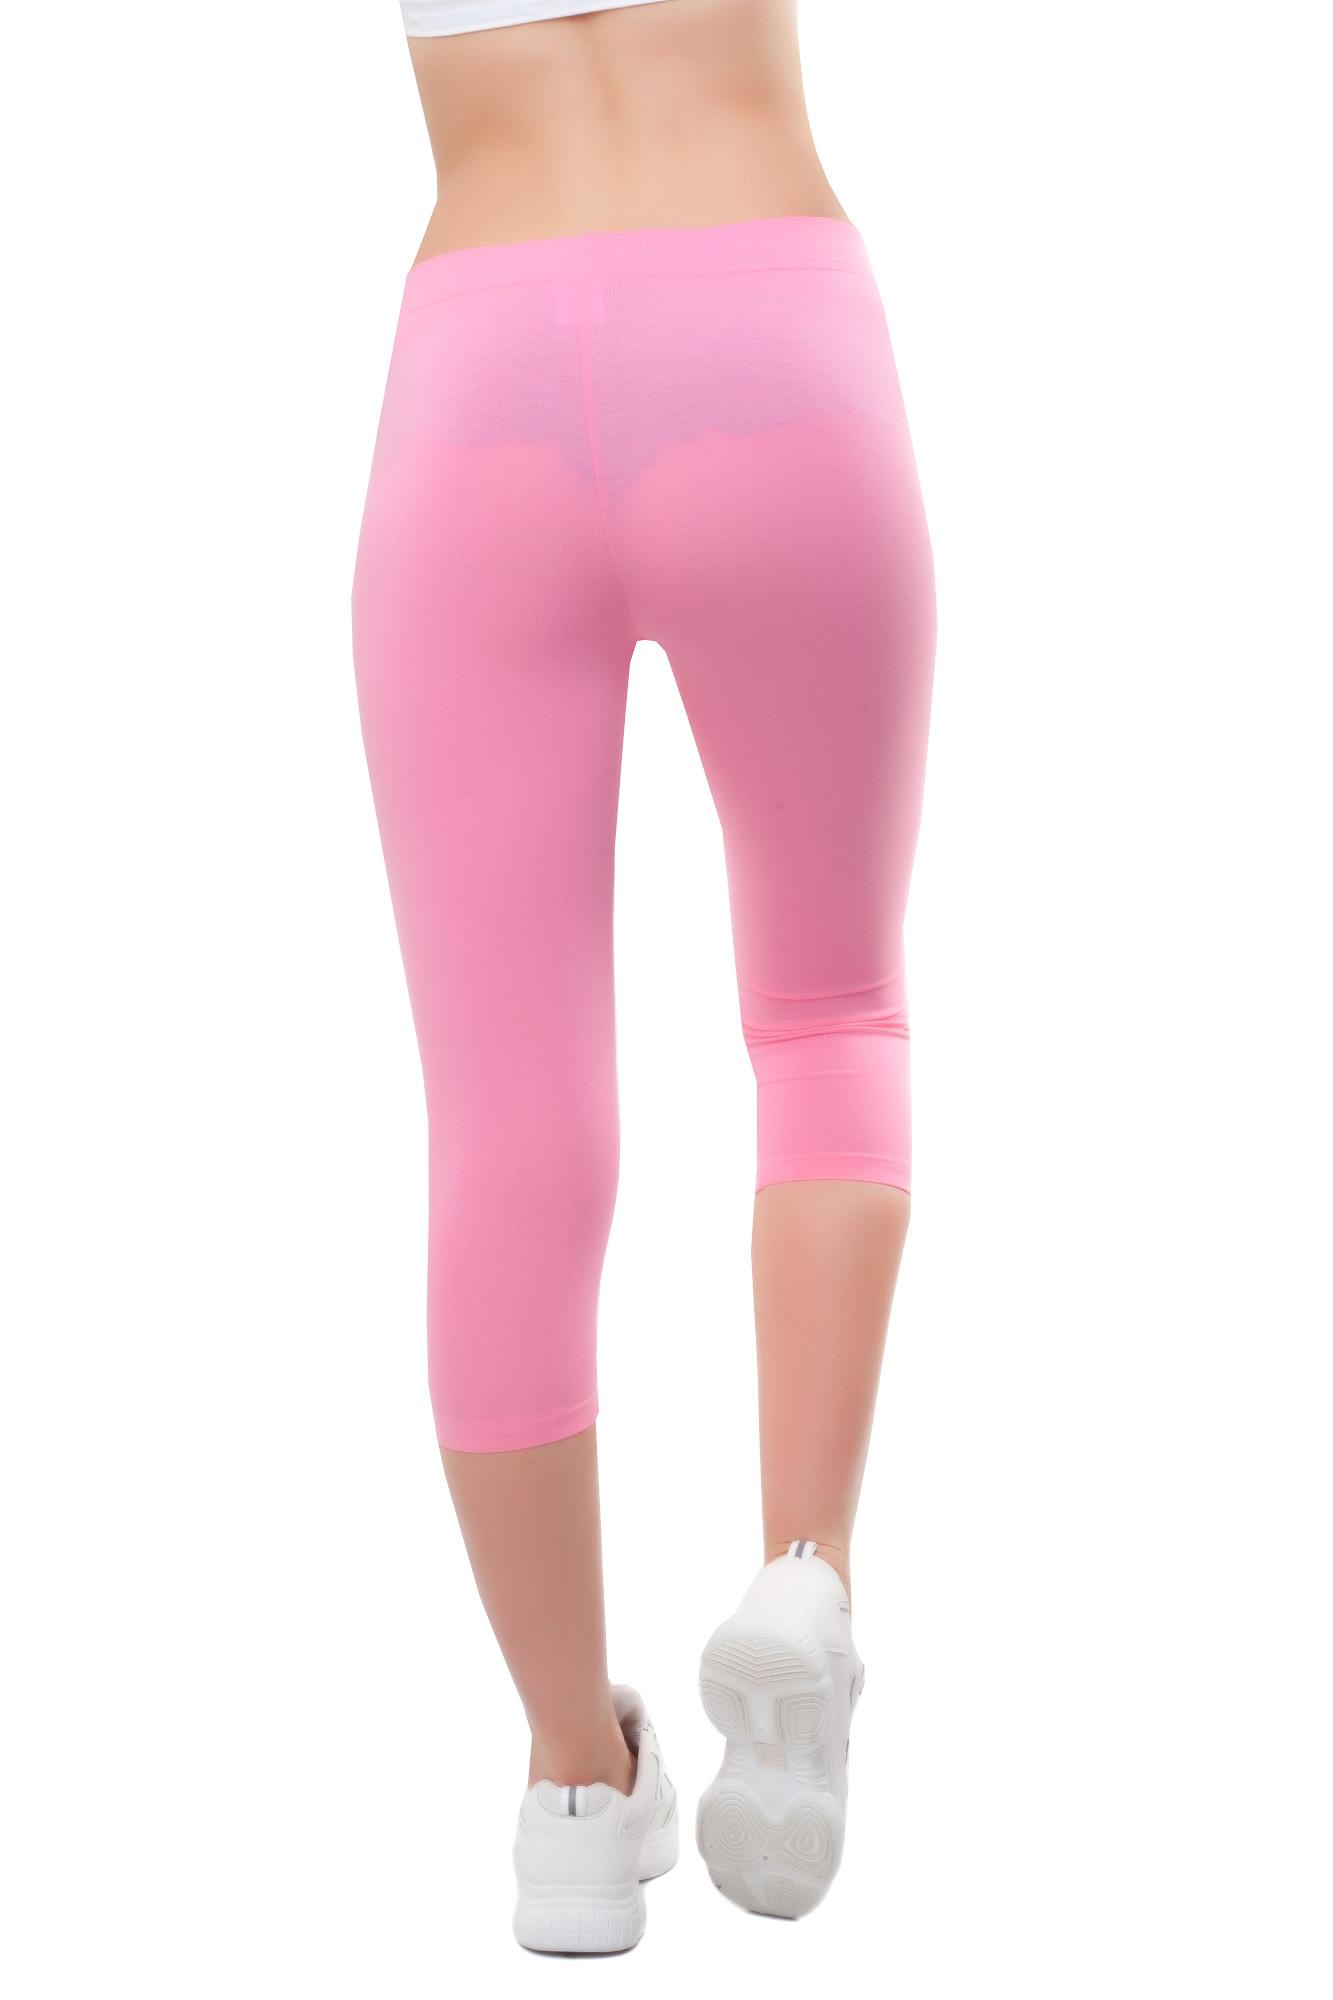 Pointes Tunique Top Jeans bleu taille 42-44 091373496 2 Top marque 2 pces Set